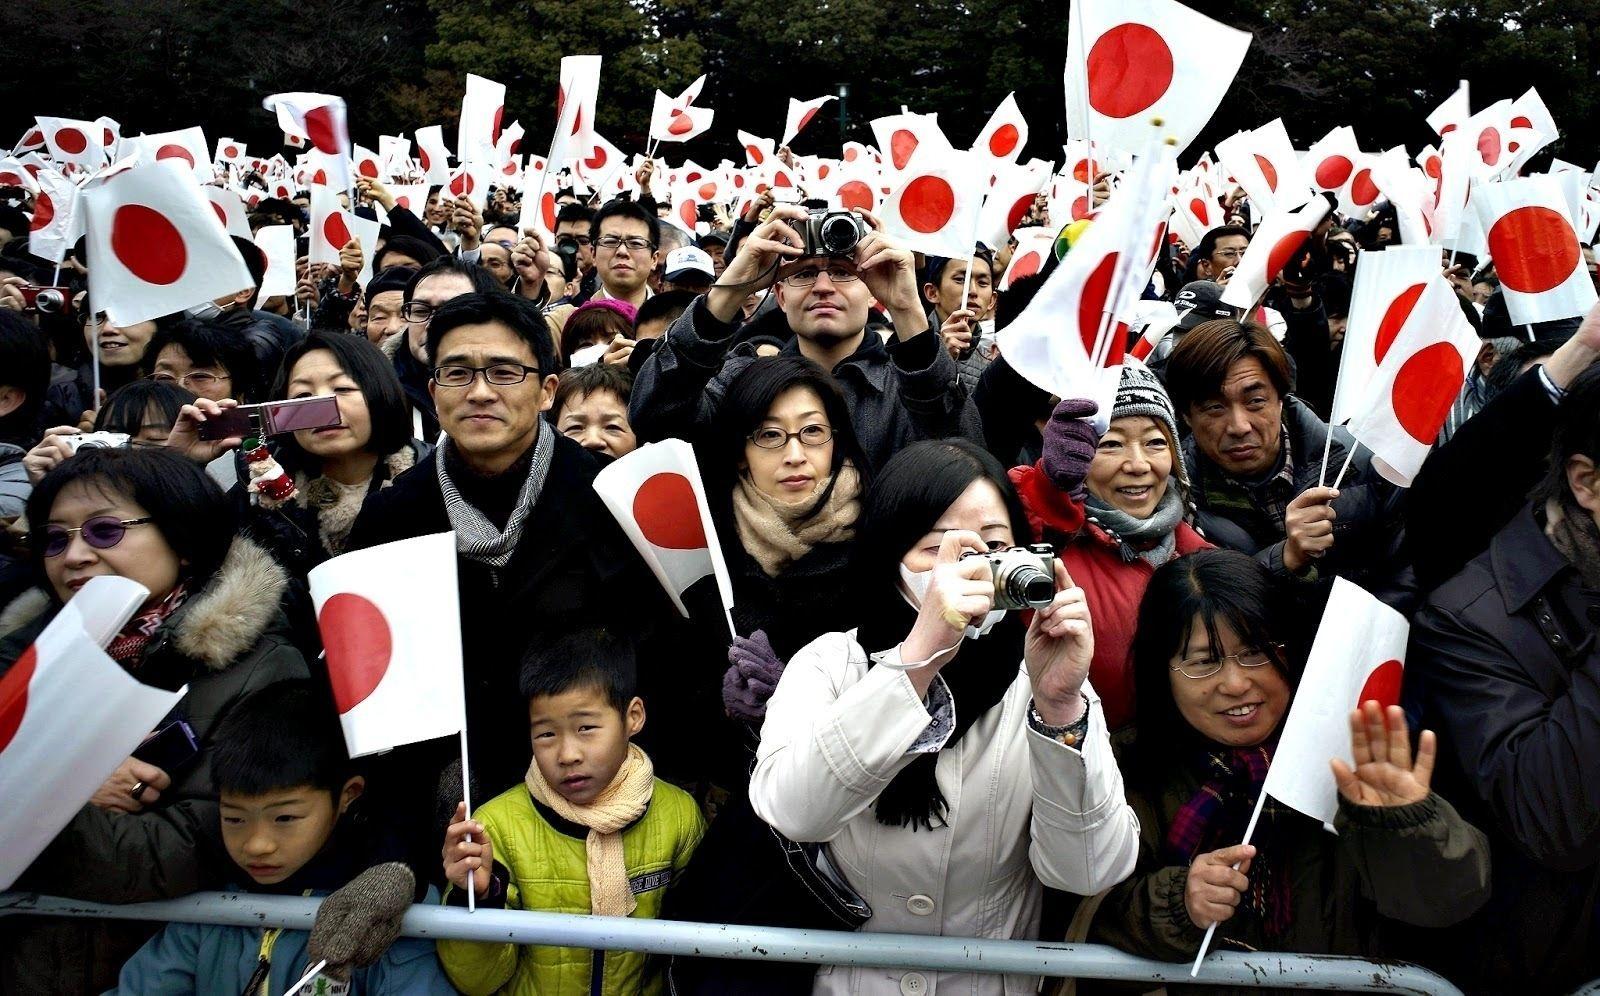 1980 оноос хойш төрсөн Японы насанд хүрэгчдийн биеийн дундаж өндөр буурч эхэлжээ